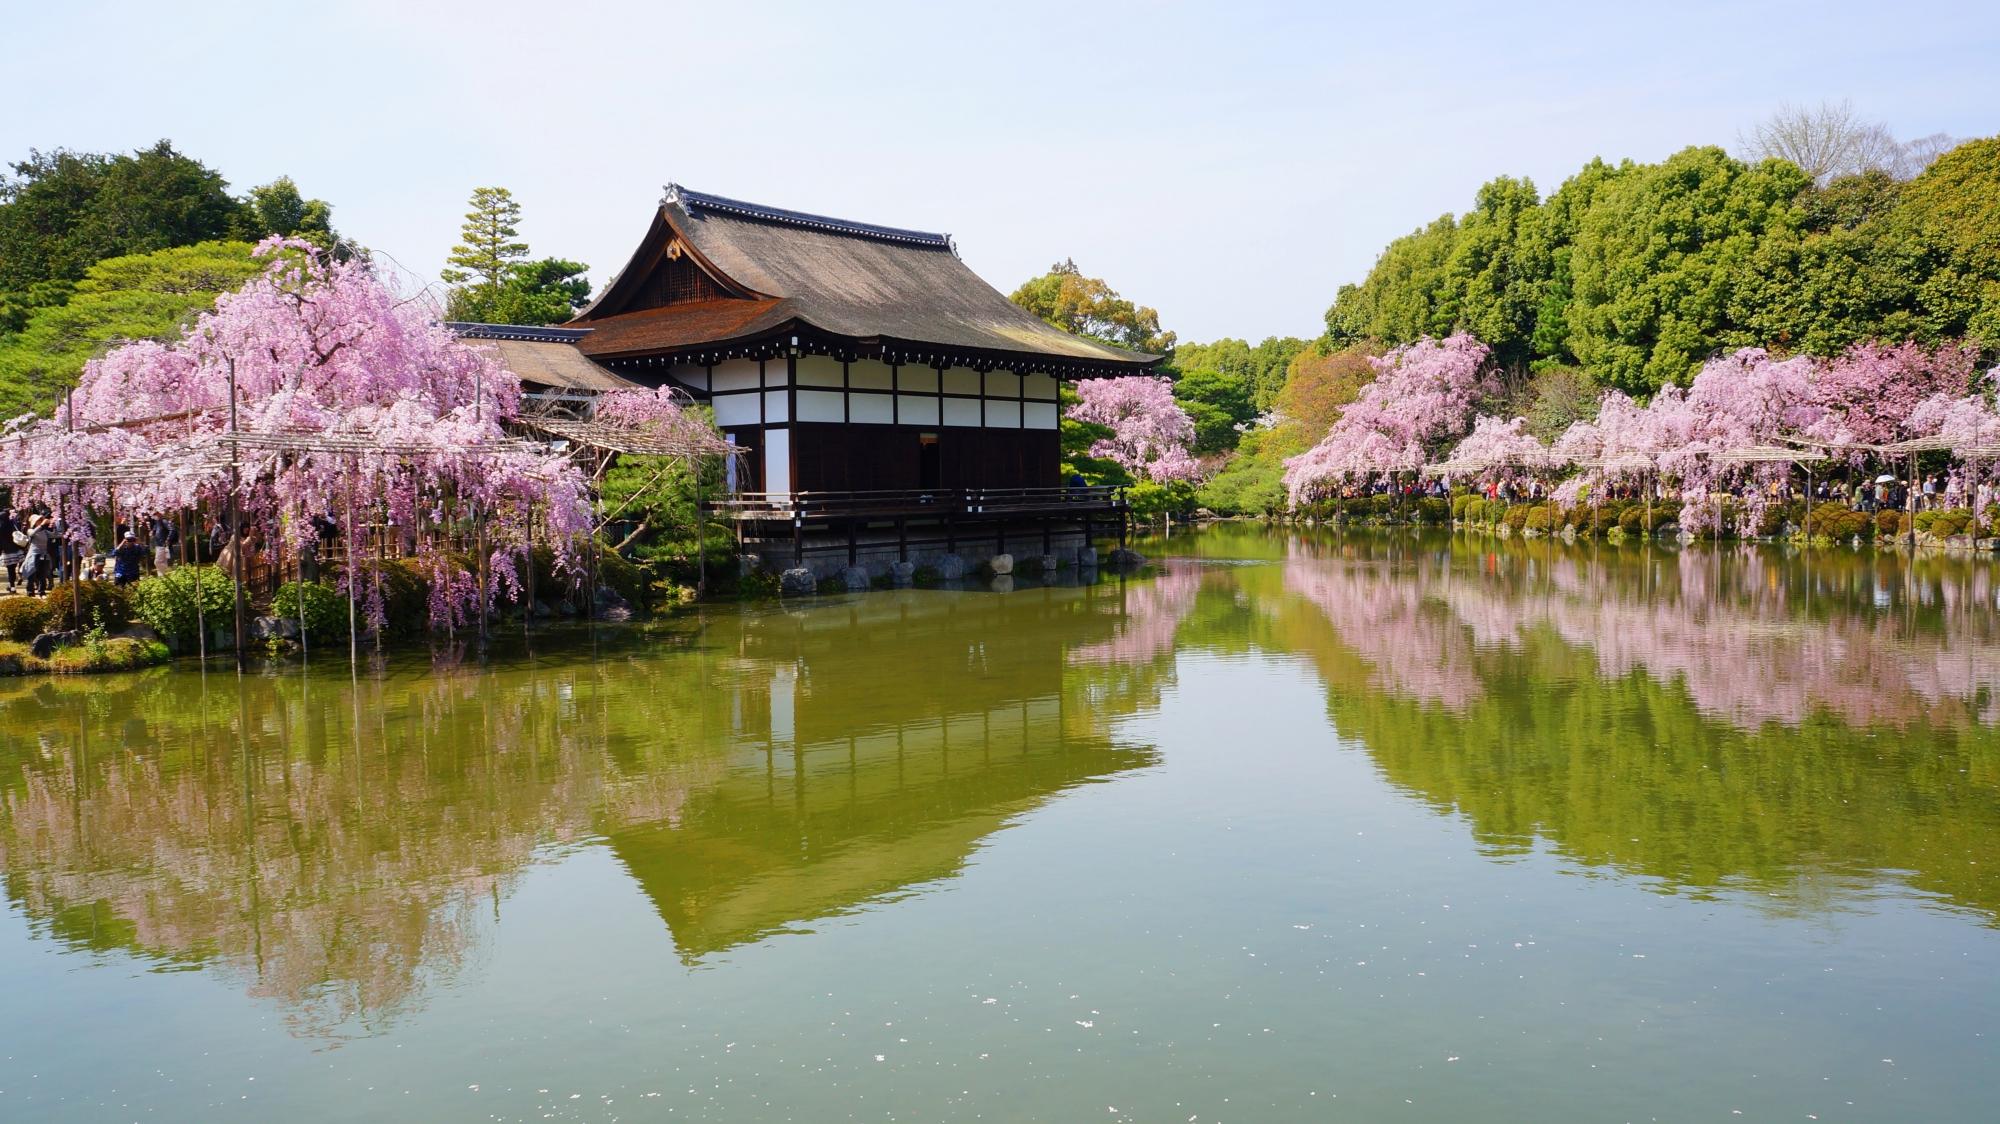 尚美館(しょうびかん)(貴賓館)と桜